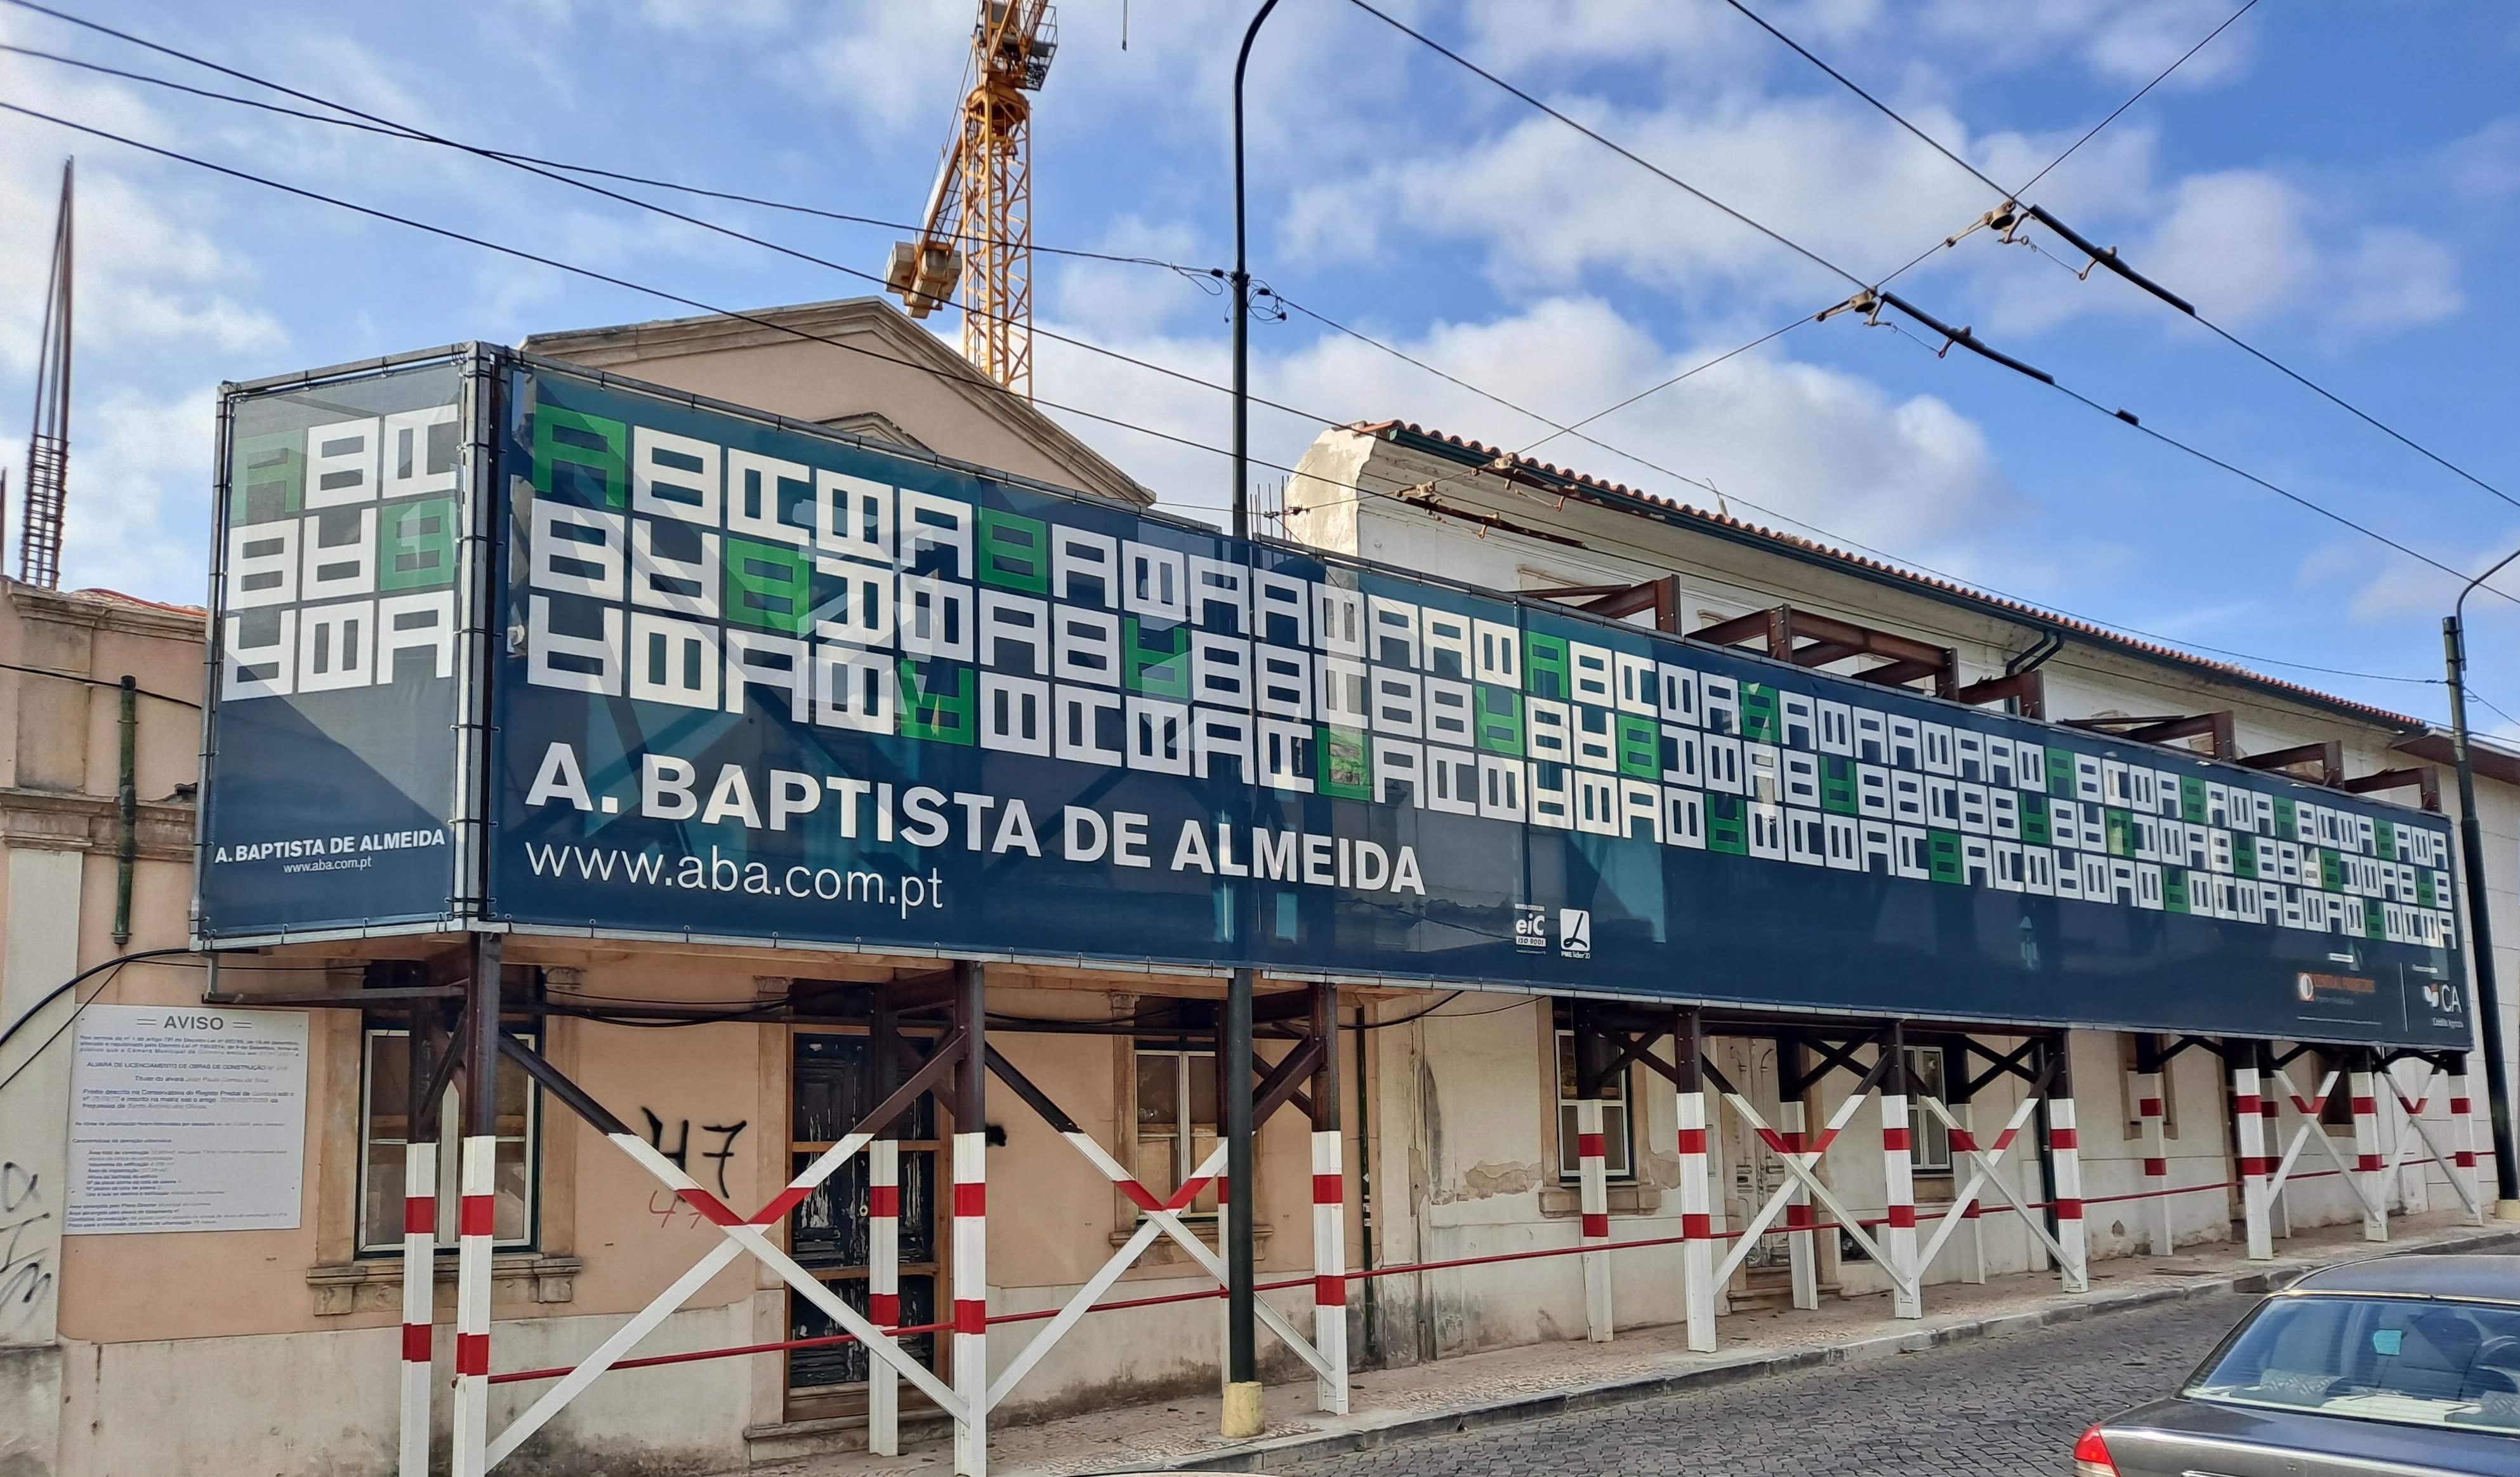 Obra de Reabilitação, Ampliação e Alteração de uma Habitação Multifamiliar - Coimbra